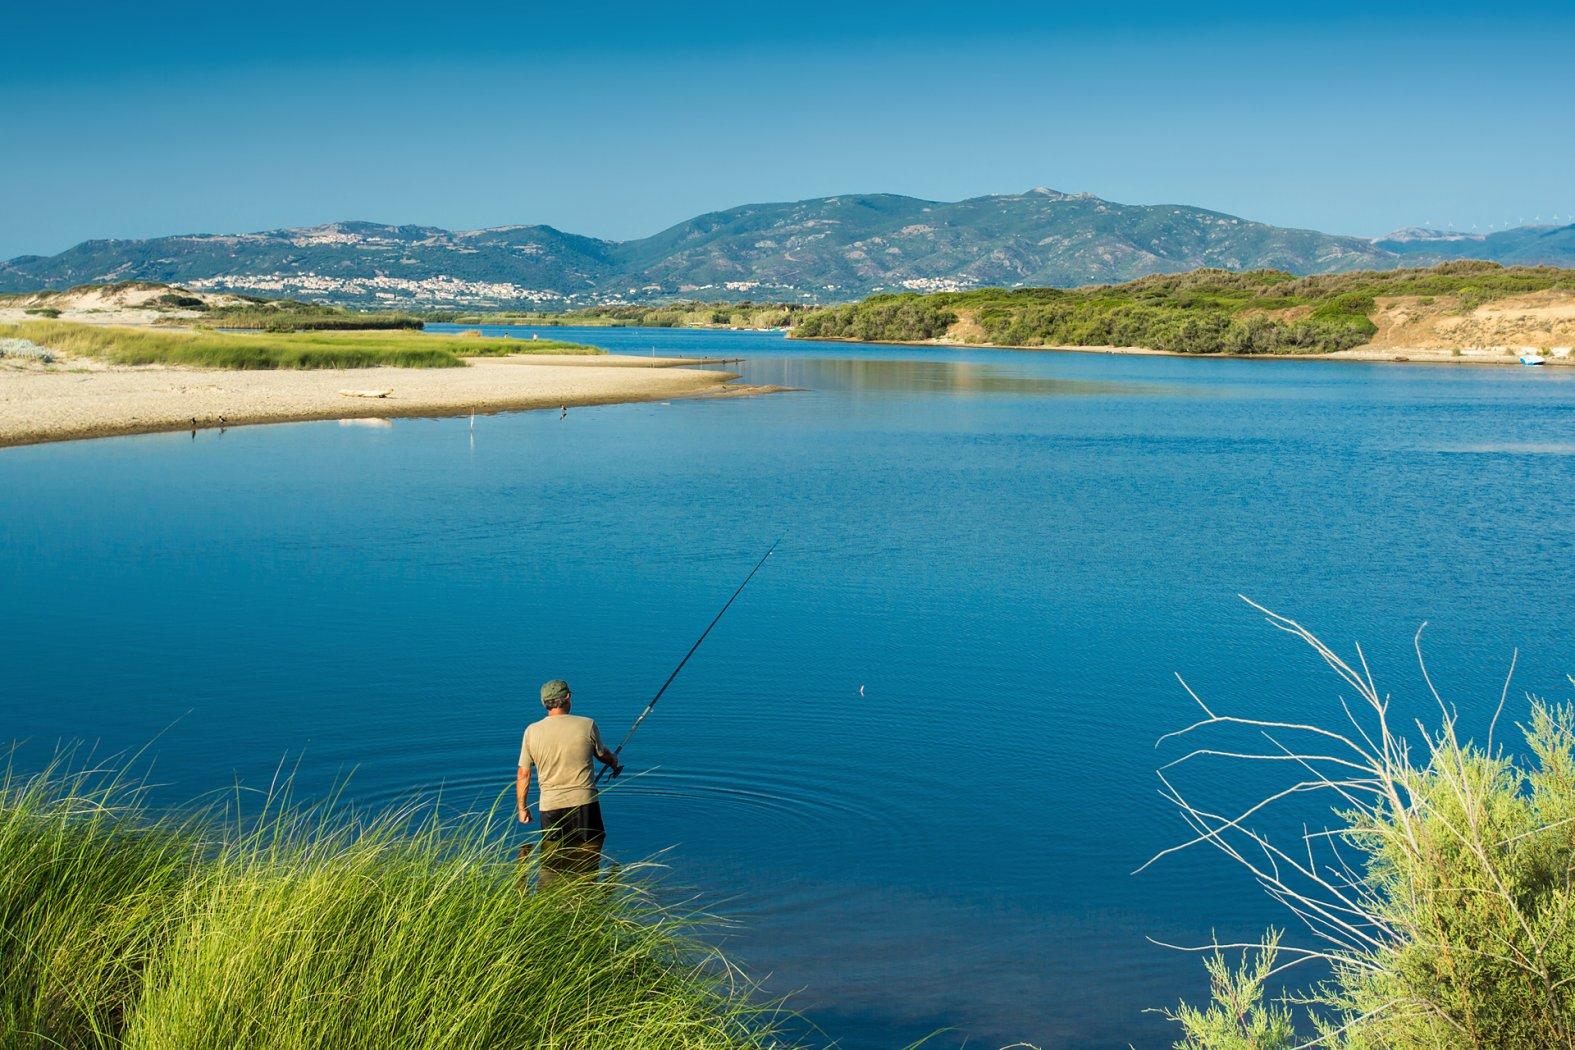 Angeln in Lagune auf Sardinien